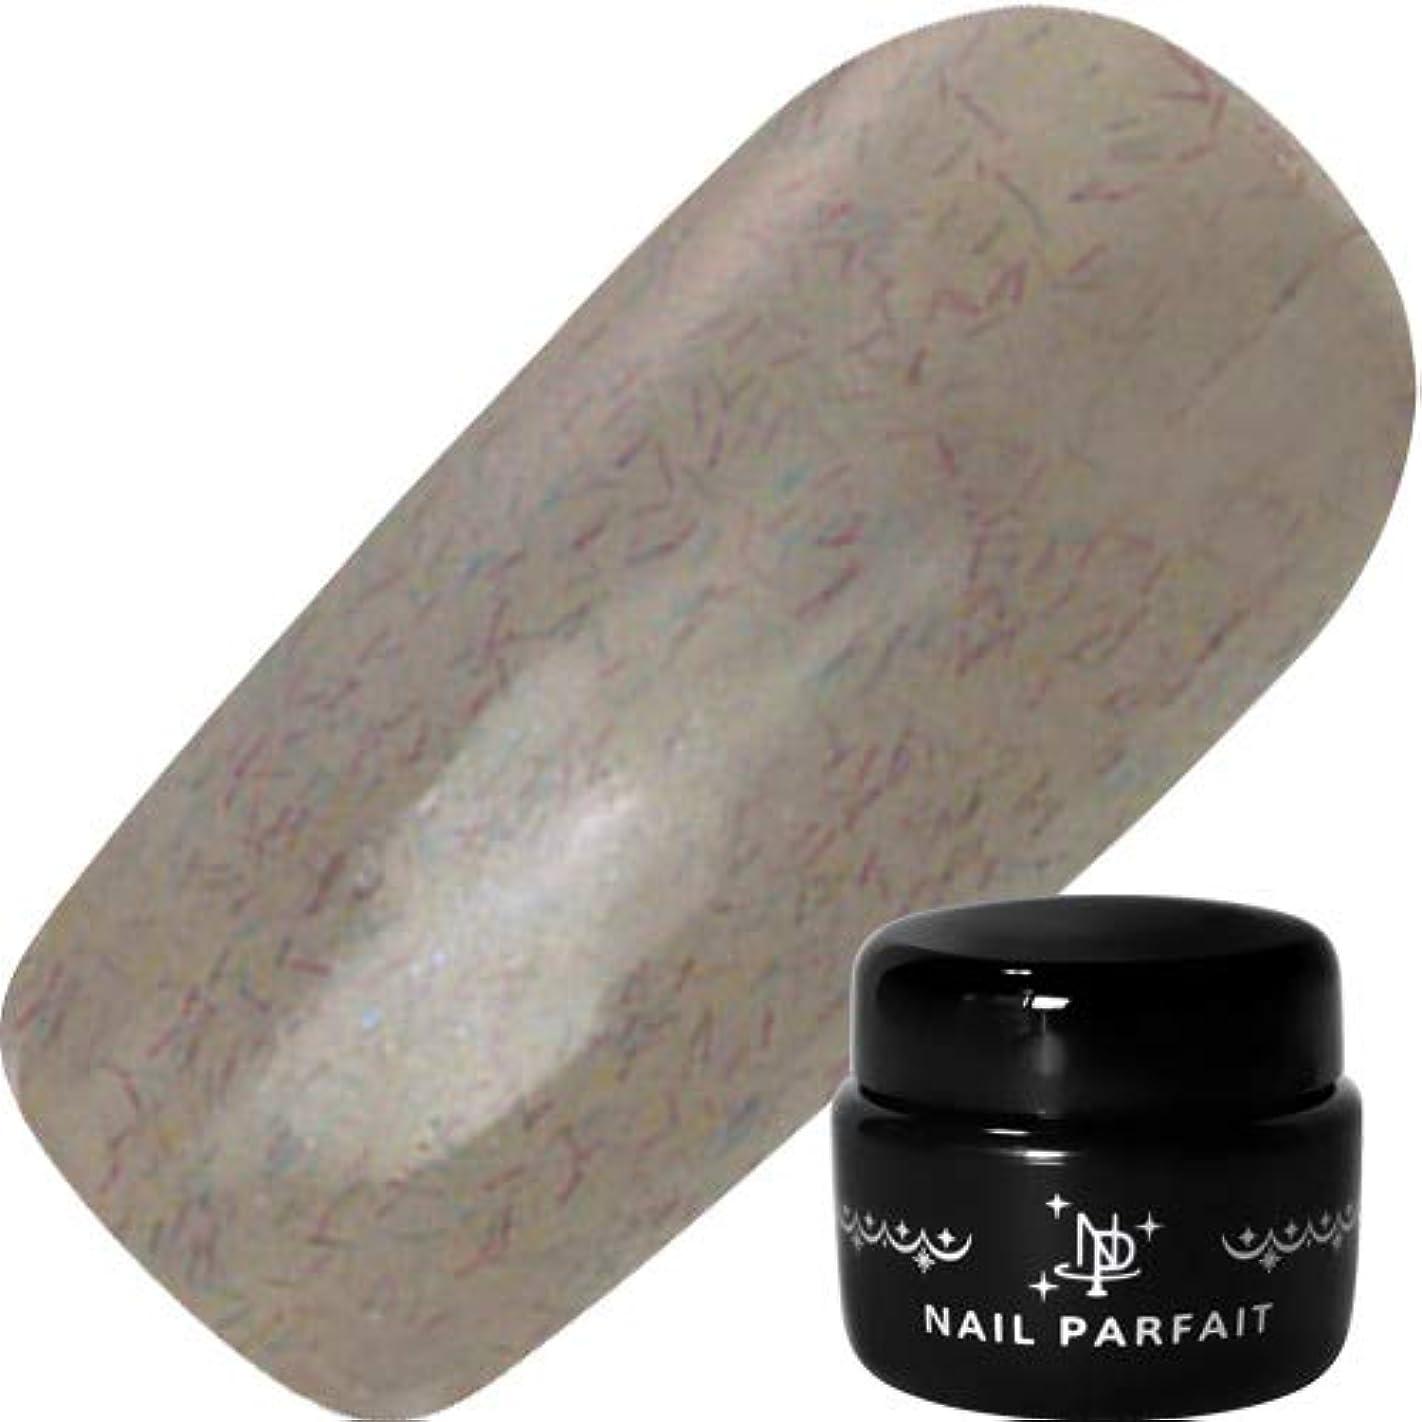 傷つきやすい欠伸支援NAIL PARFAIT ネイルパフェ カラージェル A65 サンディセサミ 2g 【ジェル/カラージェル?ネイル用品】